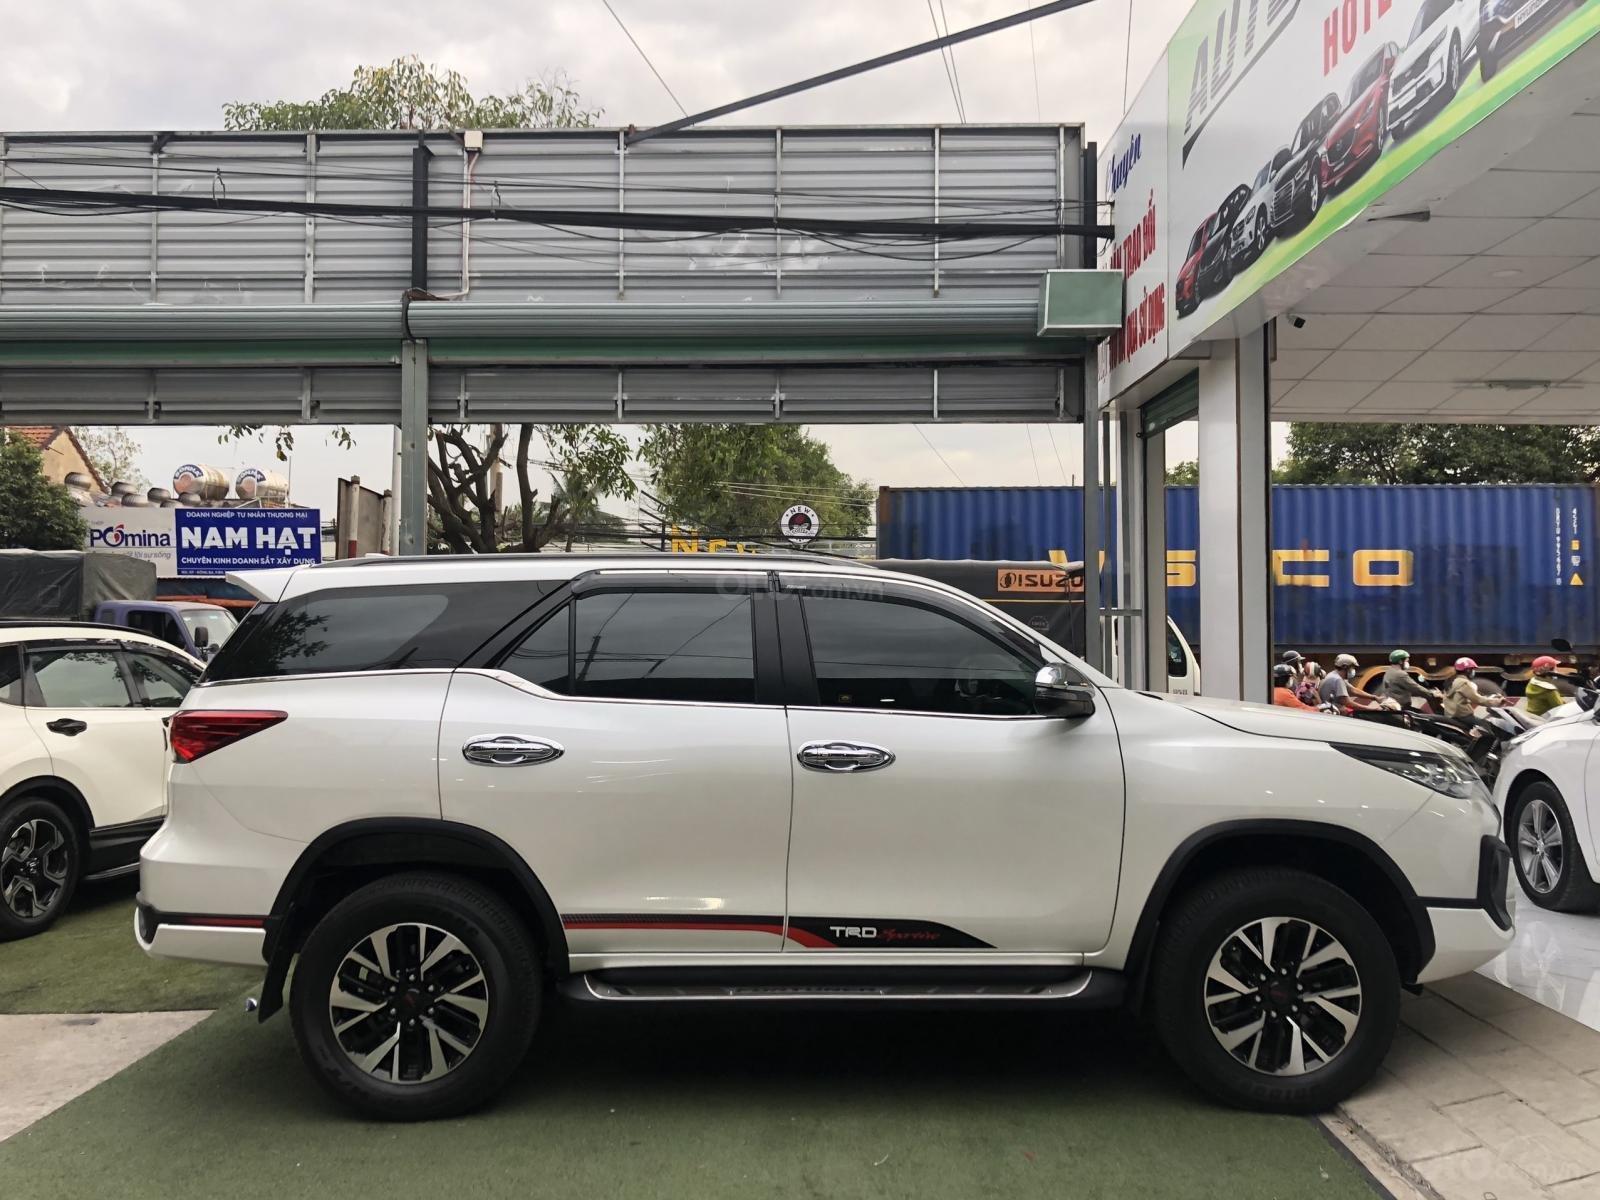 Mới về Toyota Fortuner sản xuất 2019 2.7AT máy xăng siêu lướt full option (4)